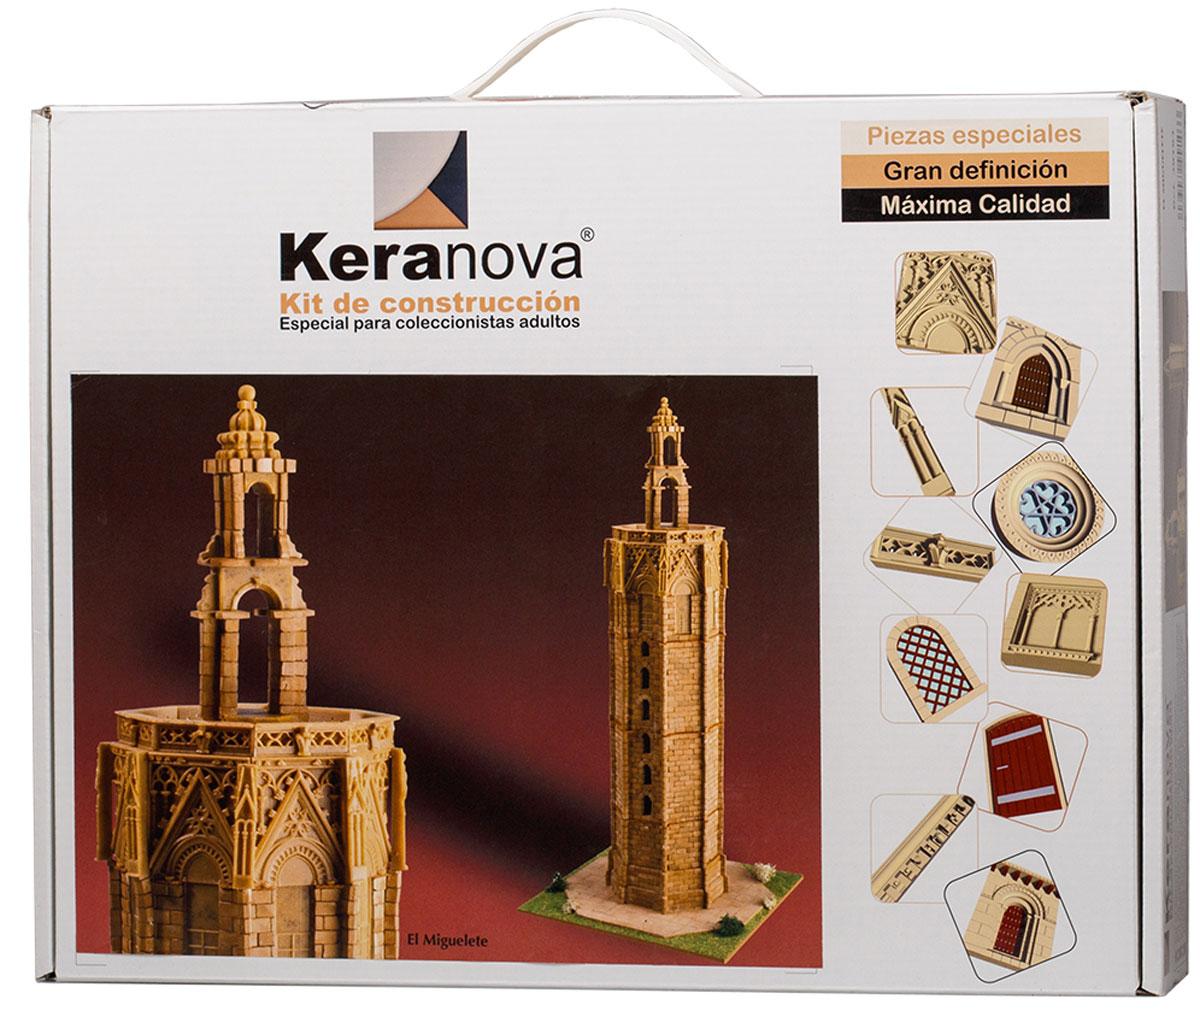 Keranova Конструктор Часовня Эль Мигелете30103Башня Мигелете является колокольней кафедрального собора Веленсии, Испания. Строительство башни началось в 1381 году и закончилось в 1429 году. Башня выполнена в стиле левантийской готики. высота башни до террасы по всему периметру составляет 51 метр, а общая высота – 63 метра. Она выполнена в форме ортогональной призмы и имеет 207 ступеней. В состав набора входят: - каркас модели из бумаги, - основа для миниатюры из МДФ, - набор кирпичиков и черепицы из глины разного размера(8 температурных режимов обжига кирпичиков), - имитация гравия, имитация травы, растительности (исландский мох – материал устойчивый к естественному разрушению), - имитация украшений фасадов и окон (изготовлены из натуральной смолы вручную), - деревянные планки, клей, схема сборки и инструкция. количество деталей: 3242 маштаб: 1/150